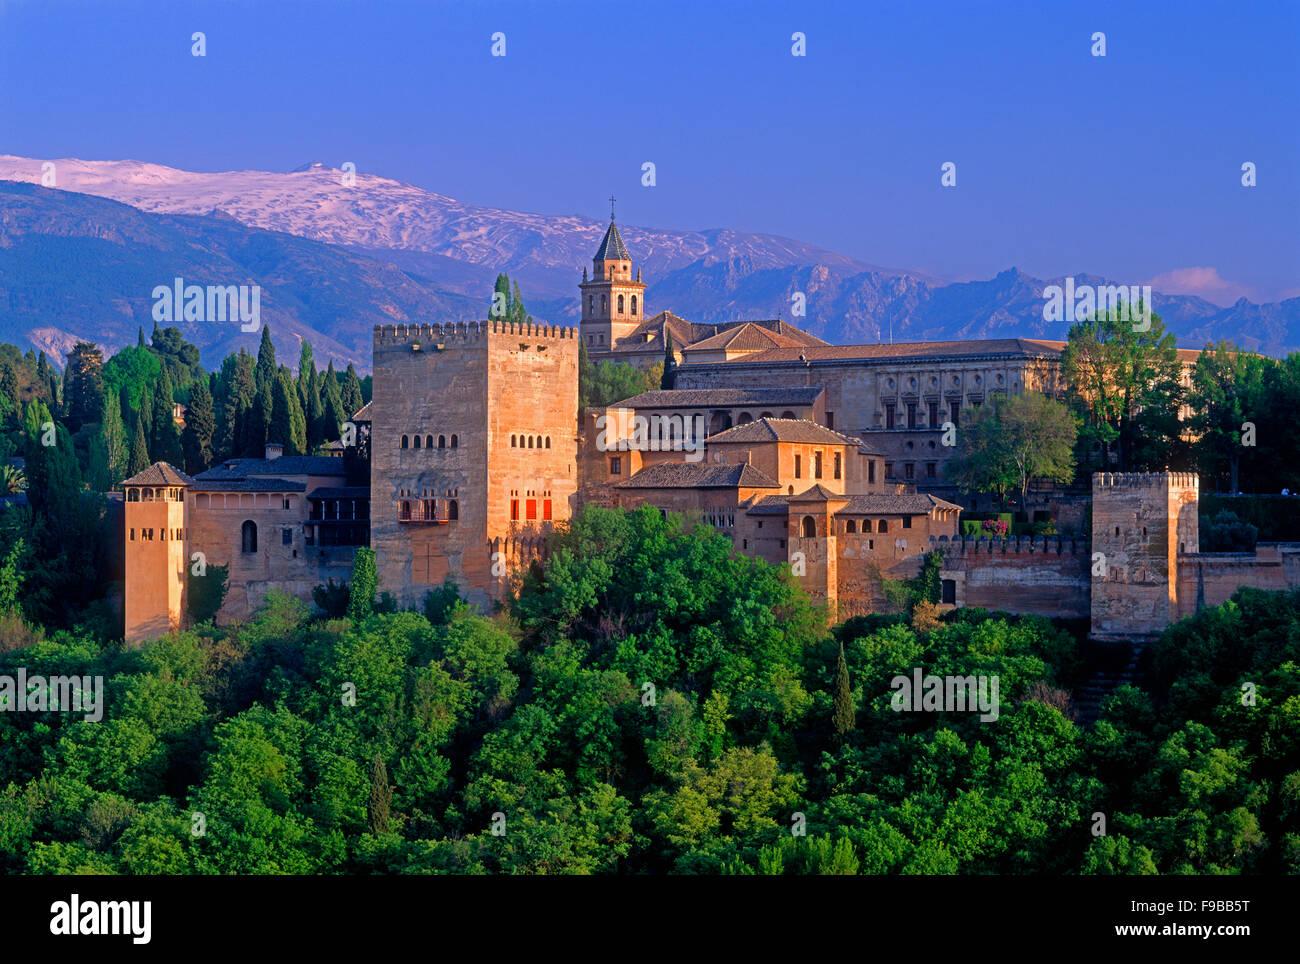 Alhambra und der Sierra Nevada, Granada, Andalusien, Spanien. Stockbild